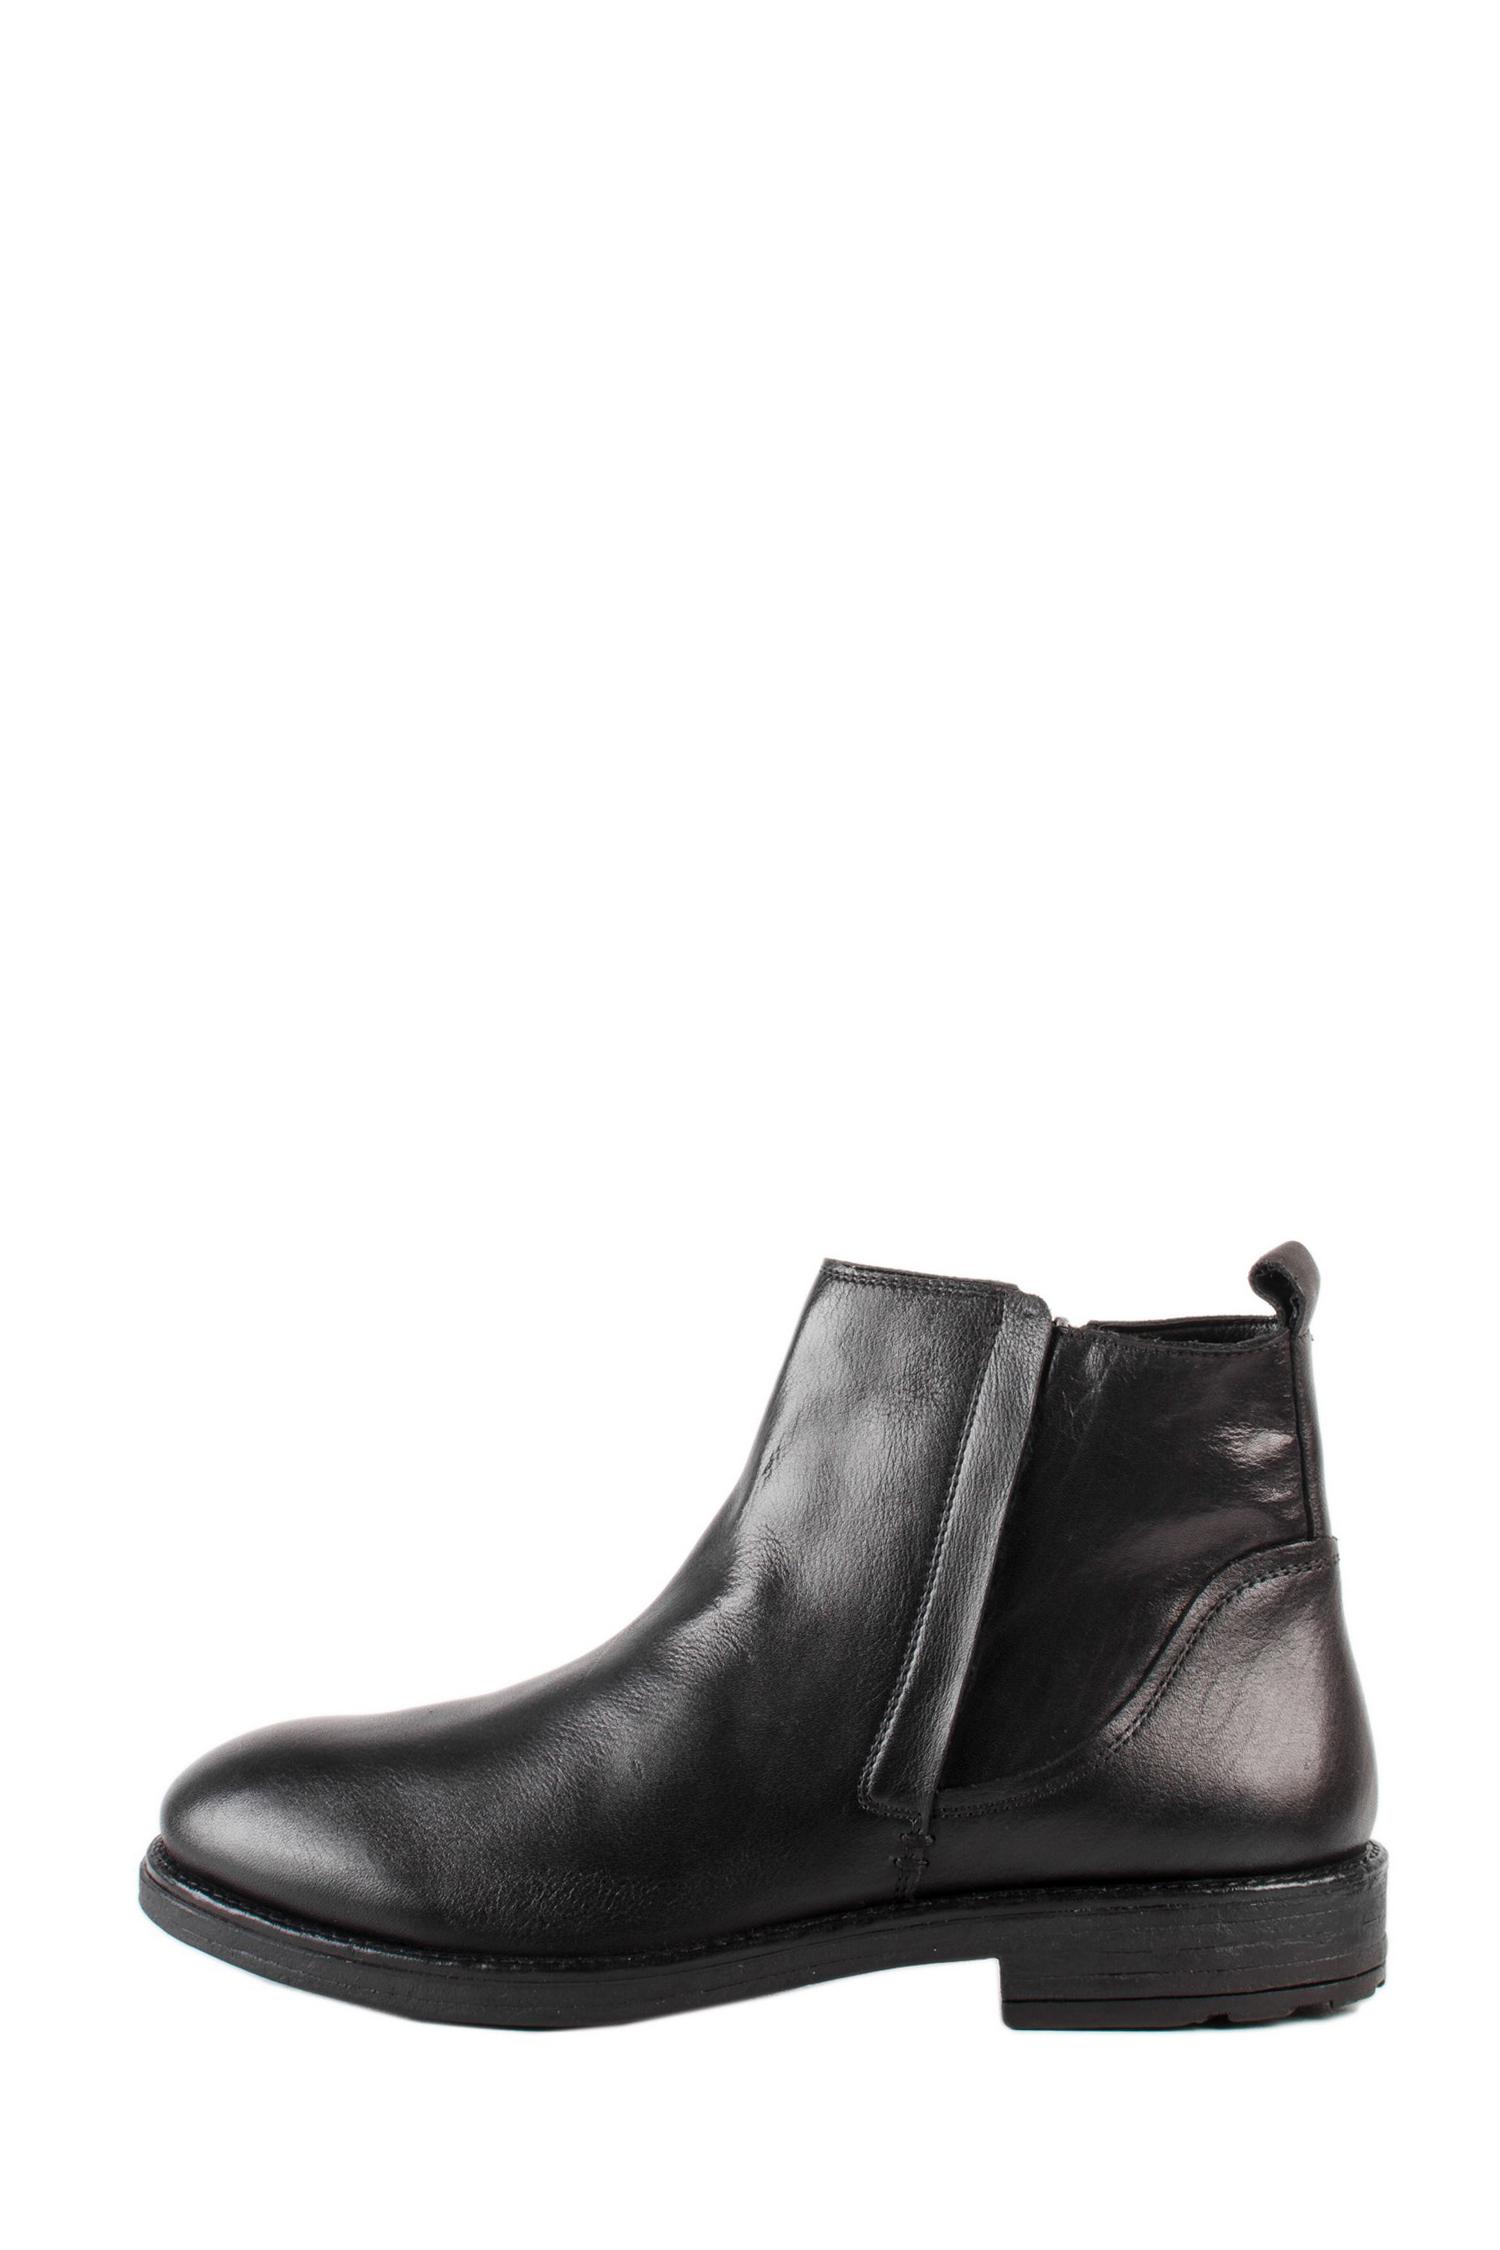 Ботинки мужские натуральный мех